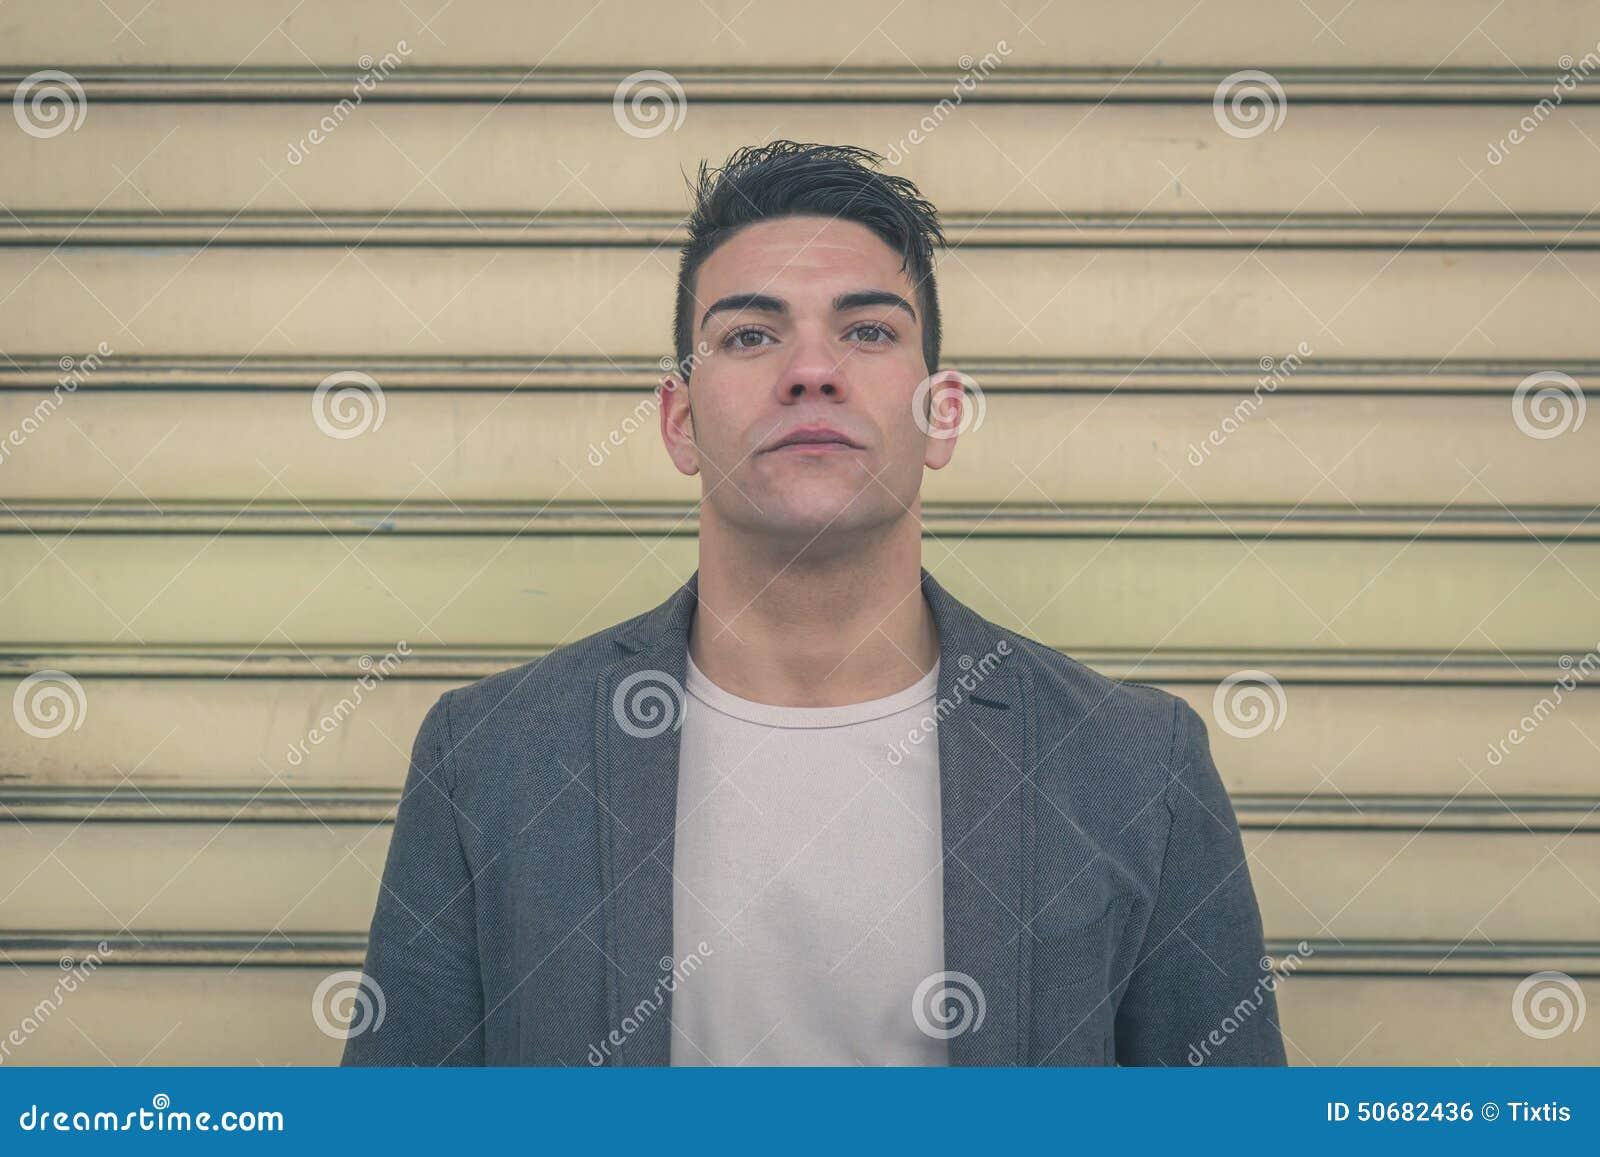 Download 摆在城市街道的年轻英俊的人 库存照片. 图片 包括有 成人, 有吸引力的, 表达式, 强烈, 查找, 突出 - 50682436